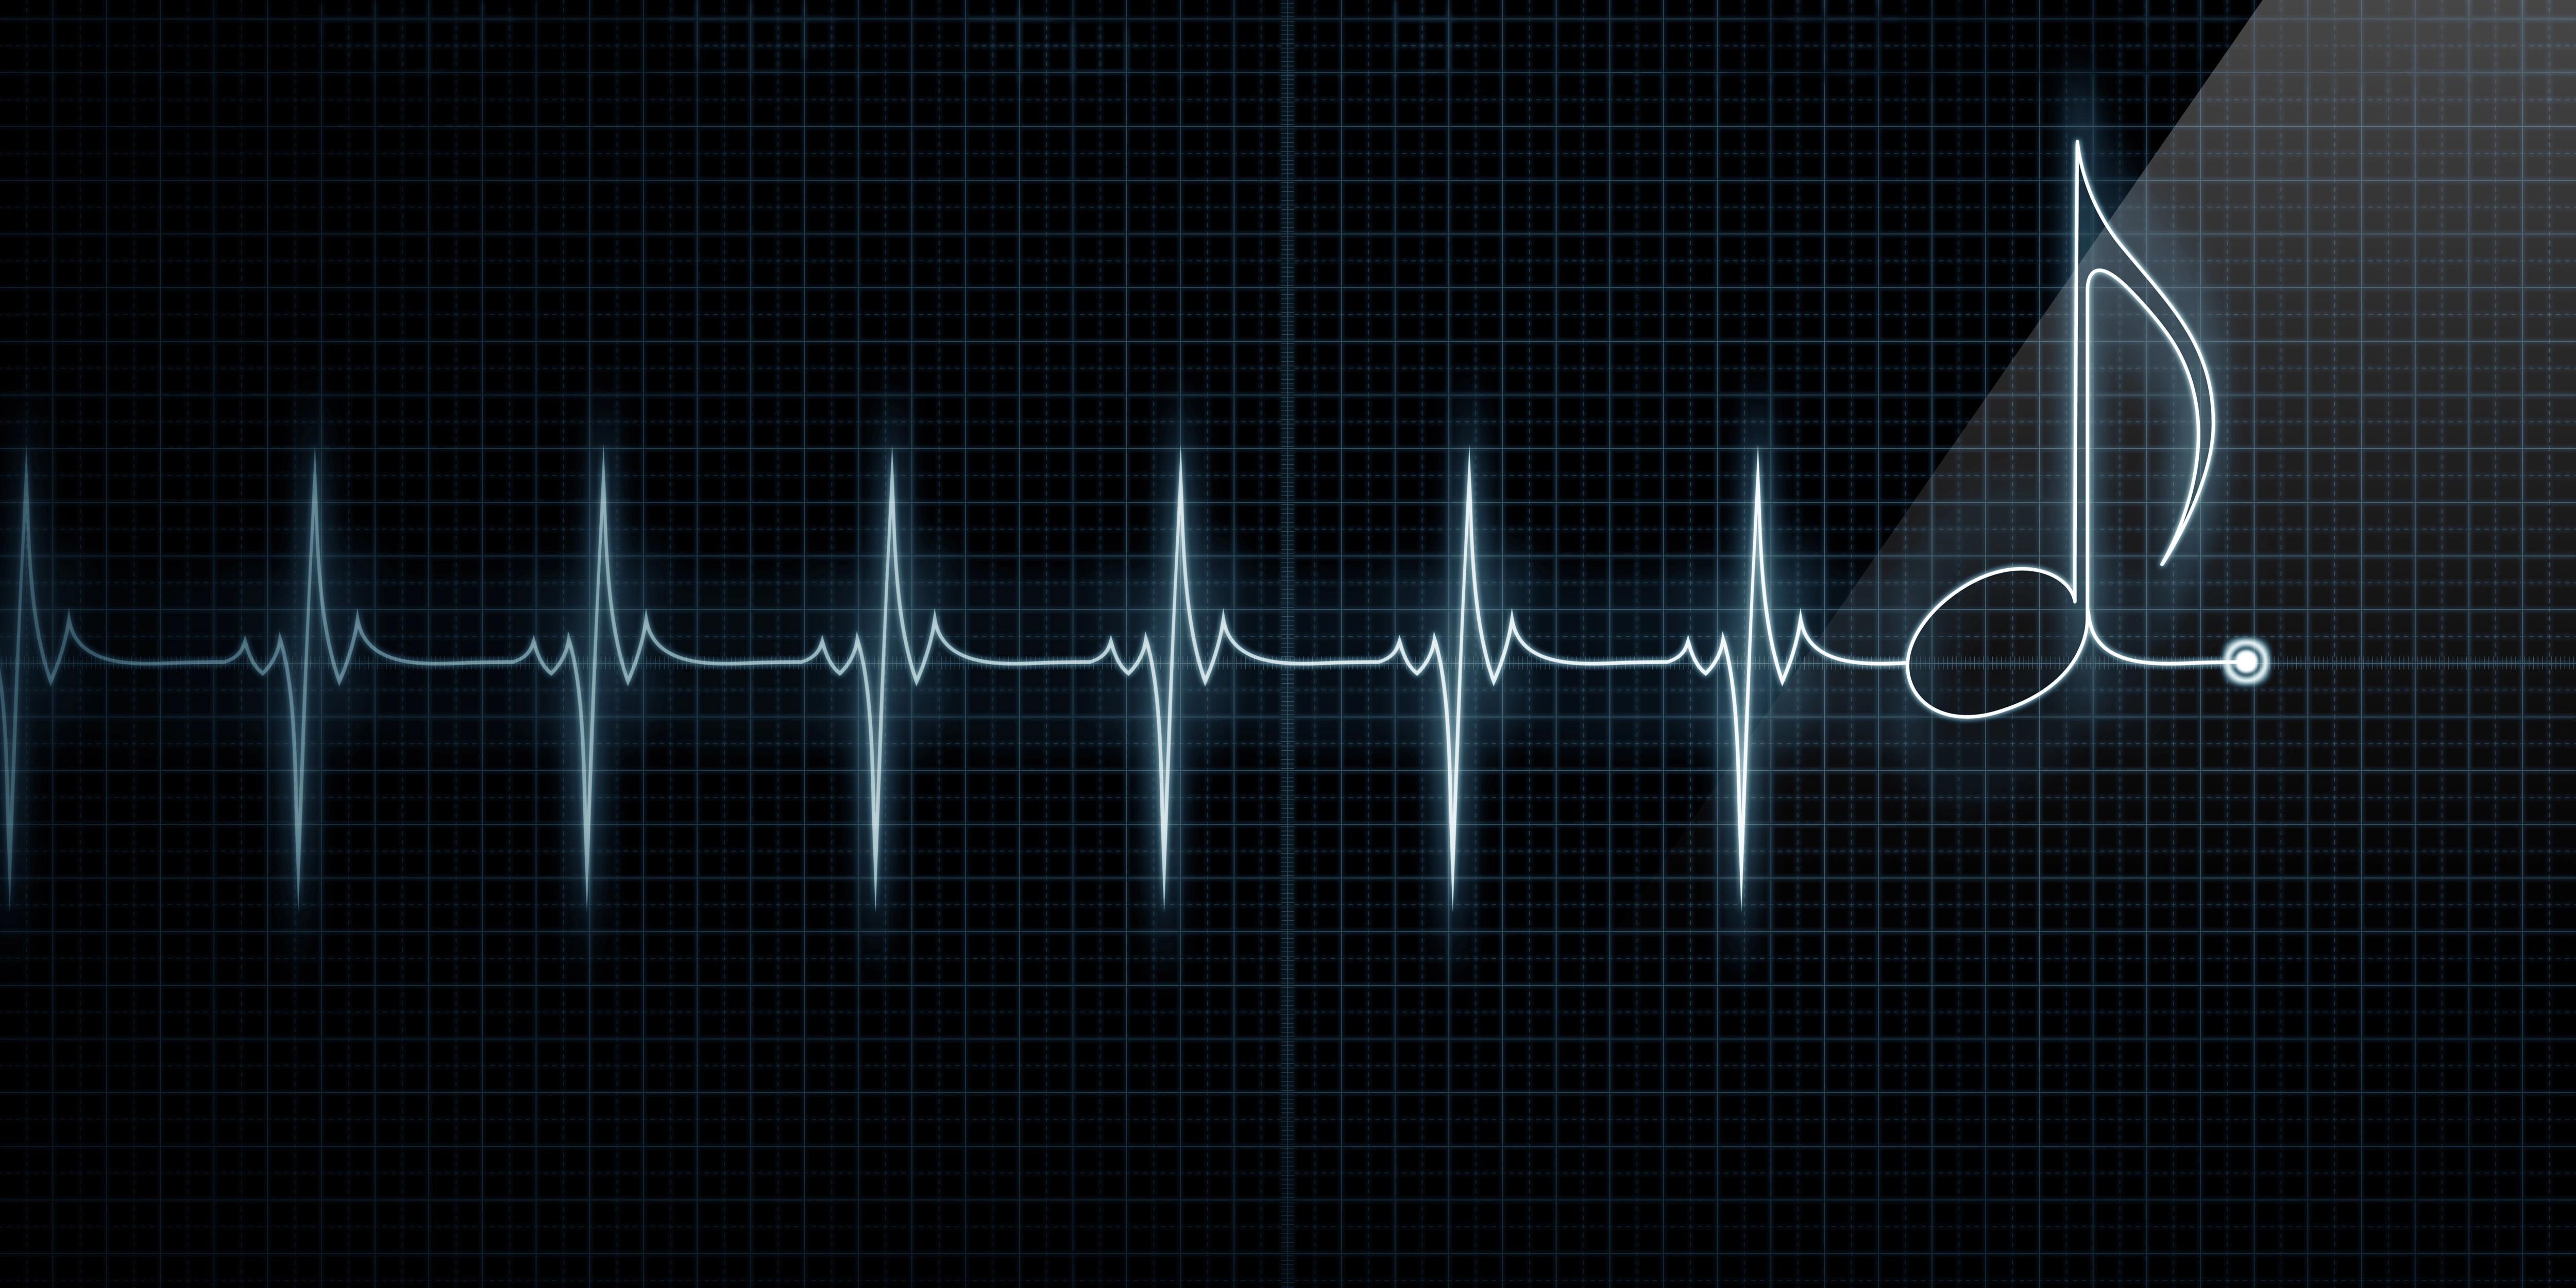 Врачи услышали музыку, проверяя пульс на стопе пациента